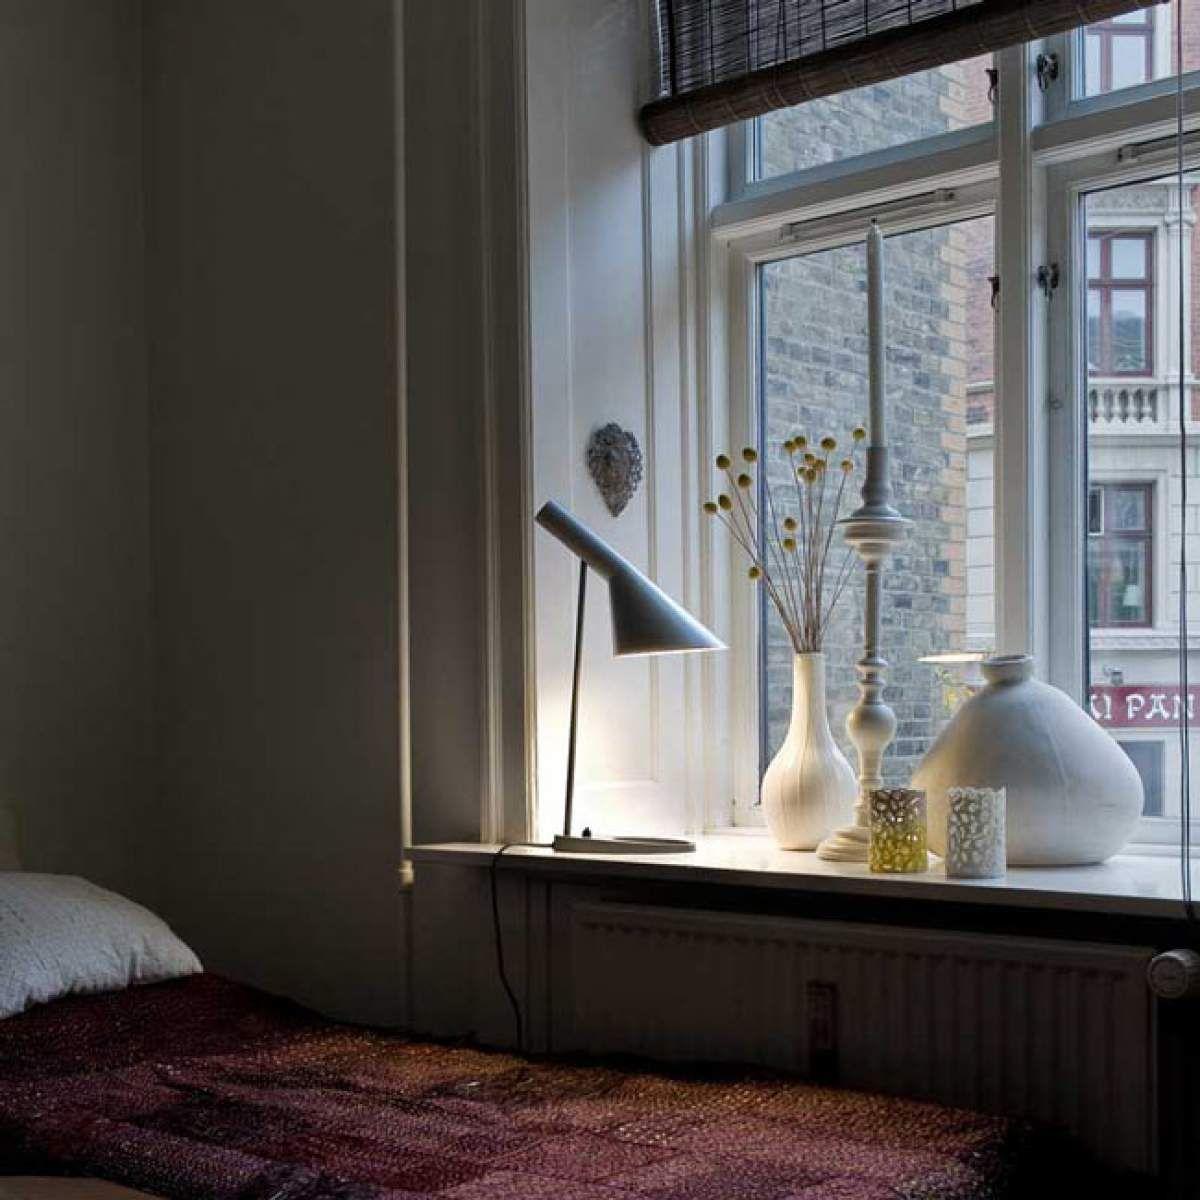 louis poulsen aj lampe poser design griselampe. Black Bedroom Furniture Sets. Home Design Ideas